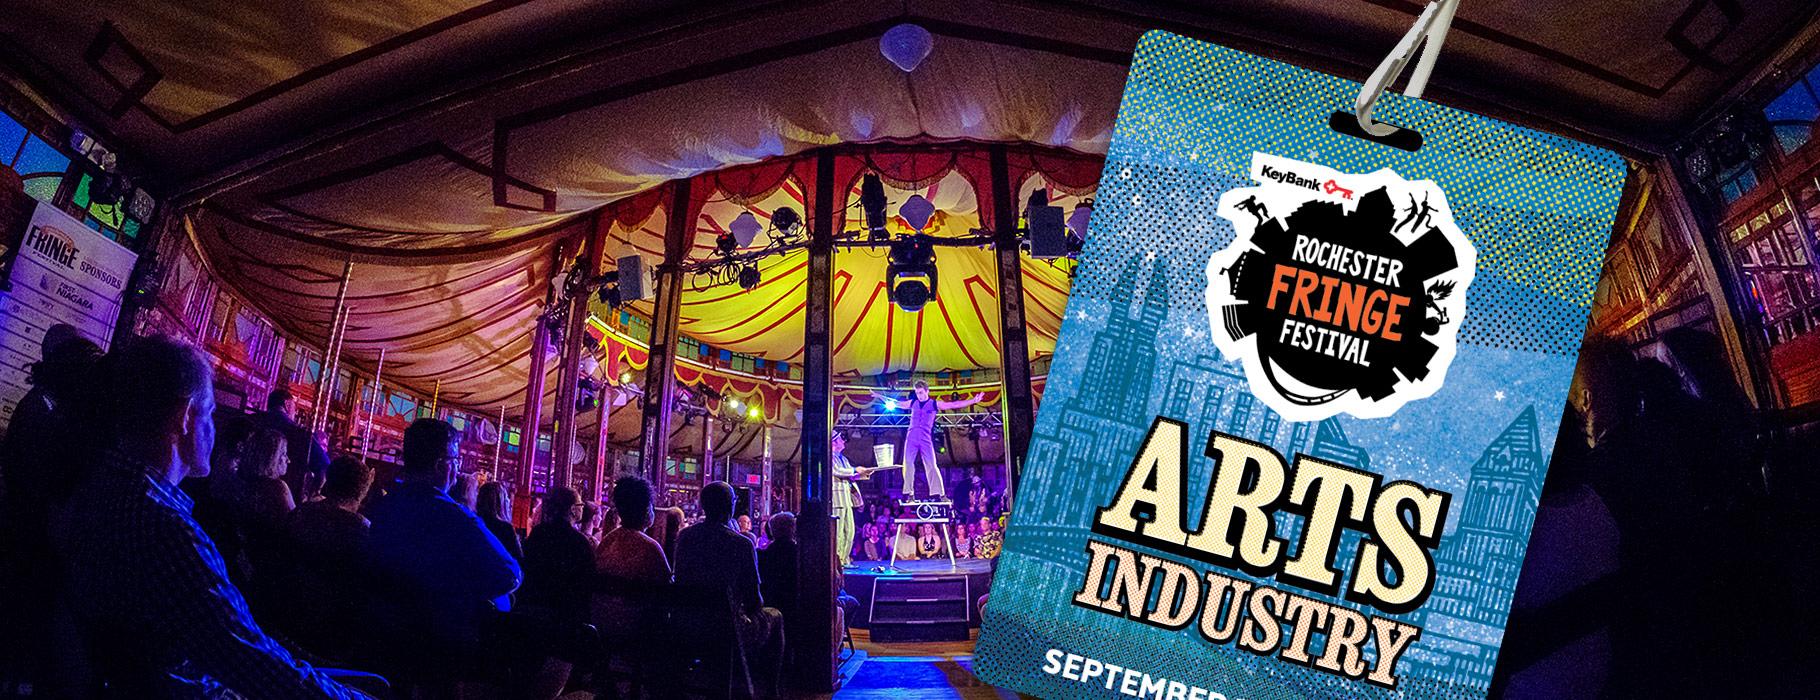 Arts Industry